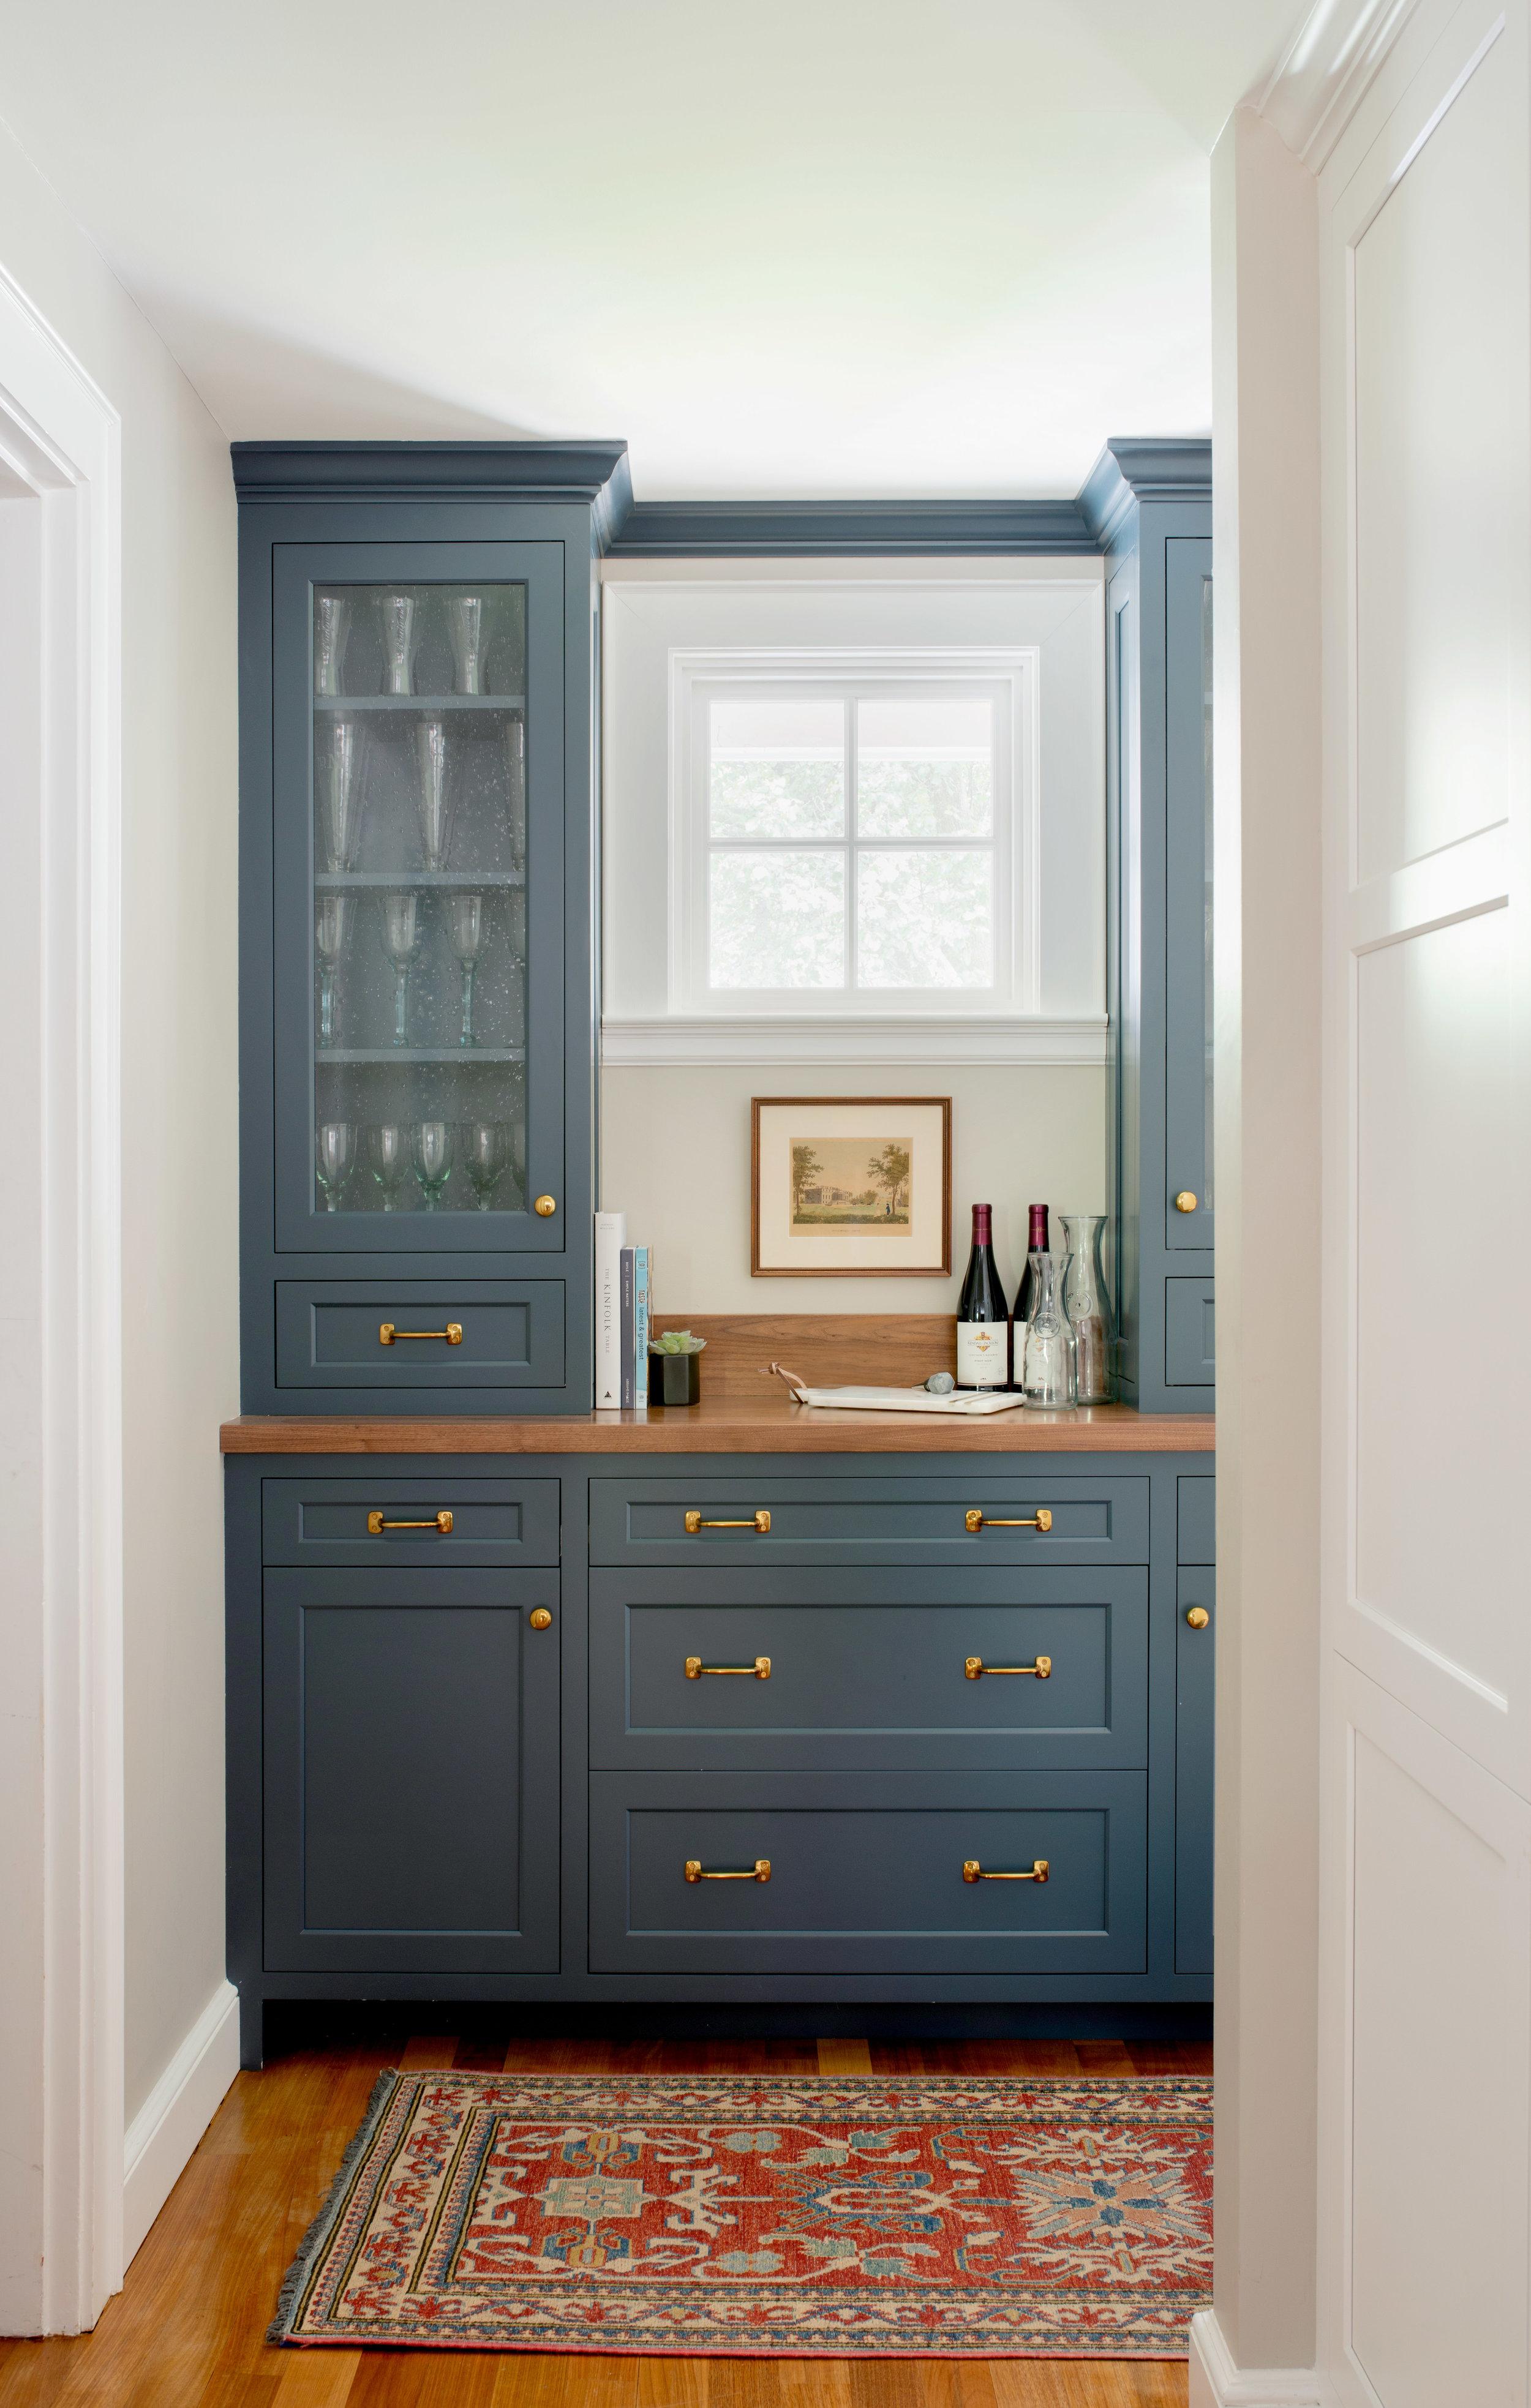 PinneyDesigns Chestnut Hill kitchen-4737-2 copy.jpg